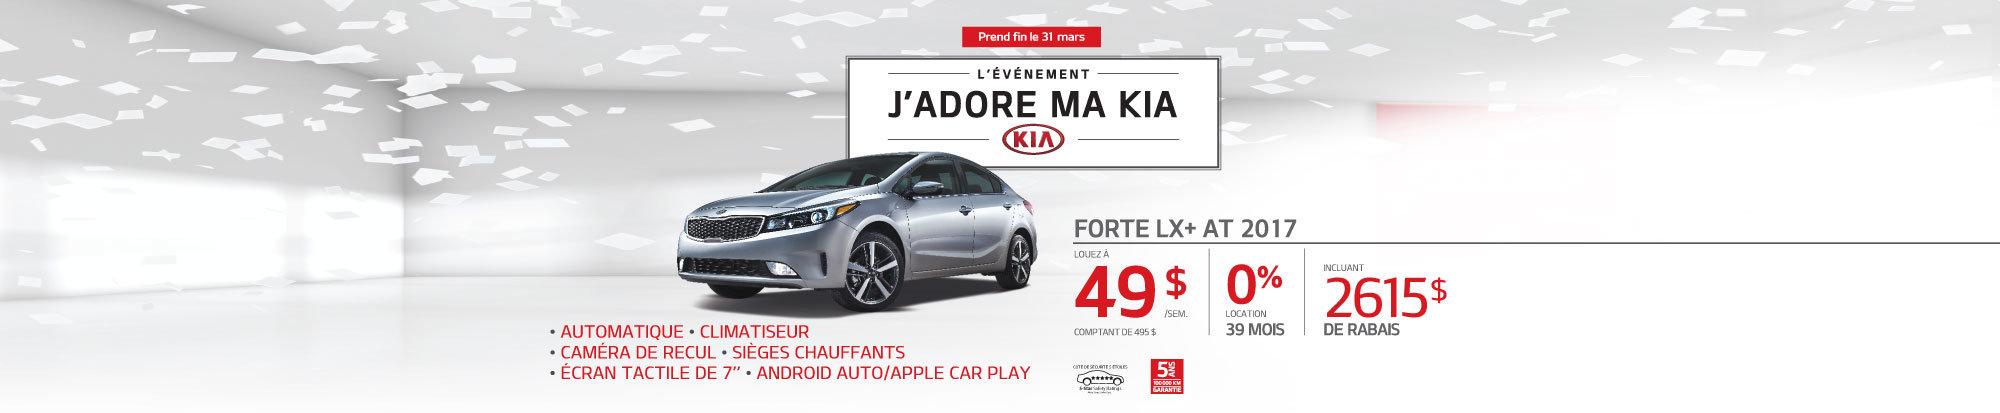 La Kia Forte LX AT 2017